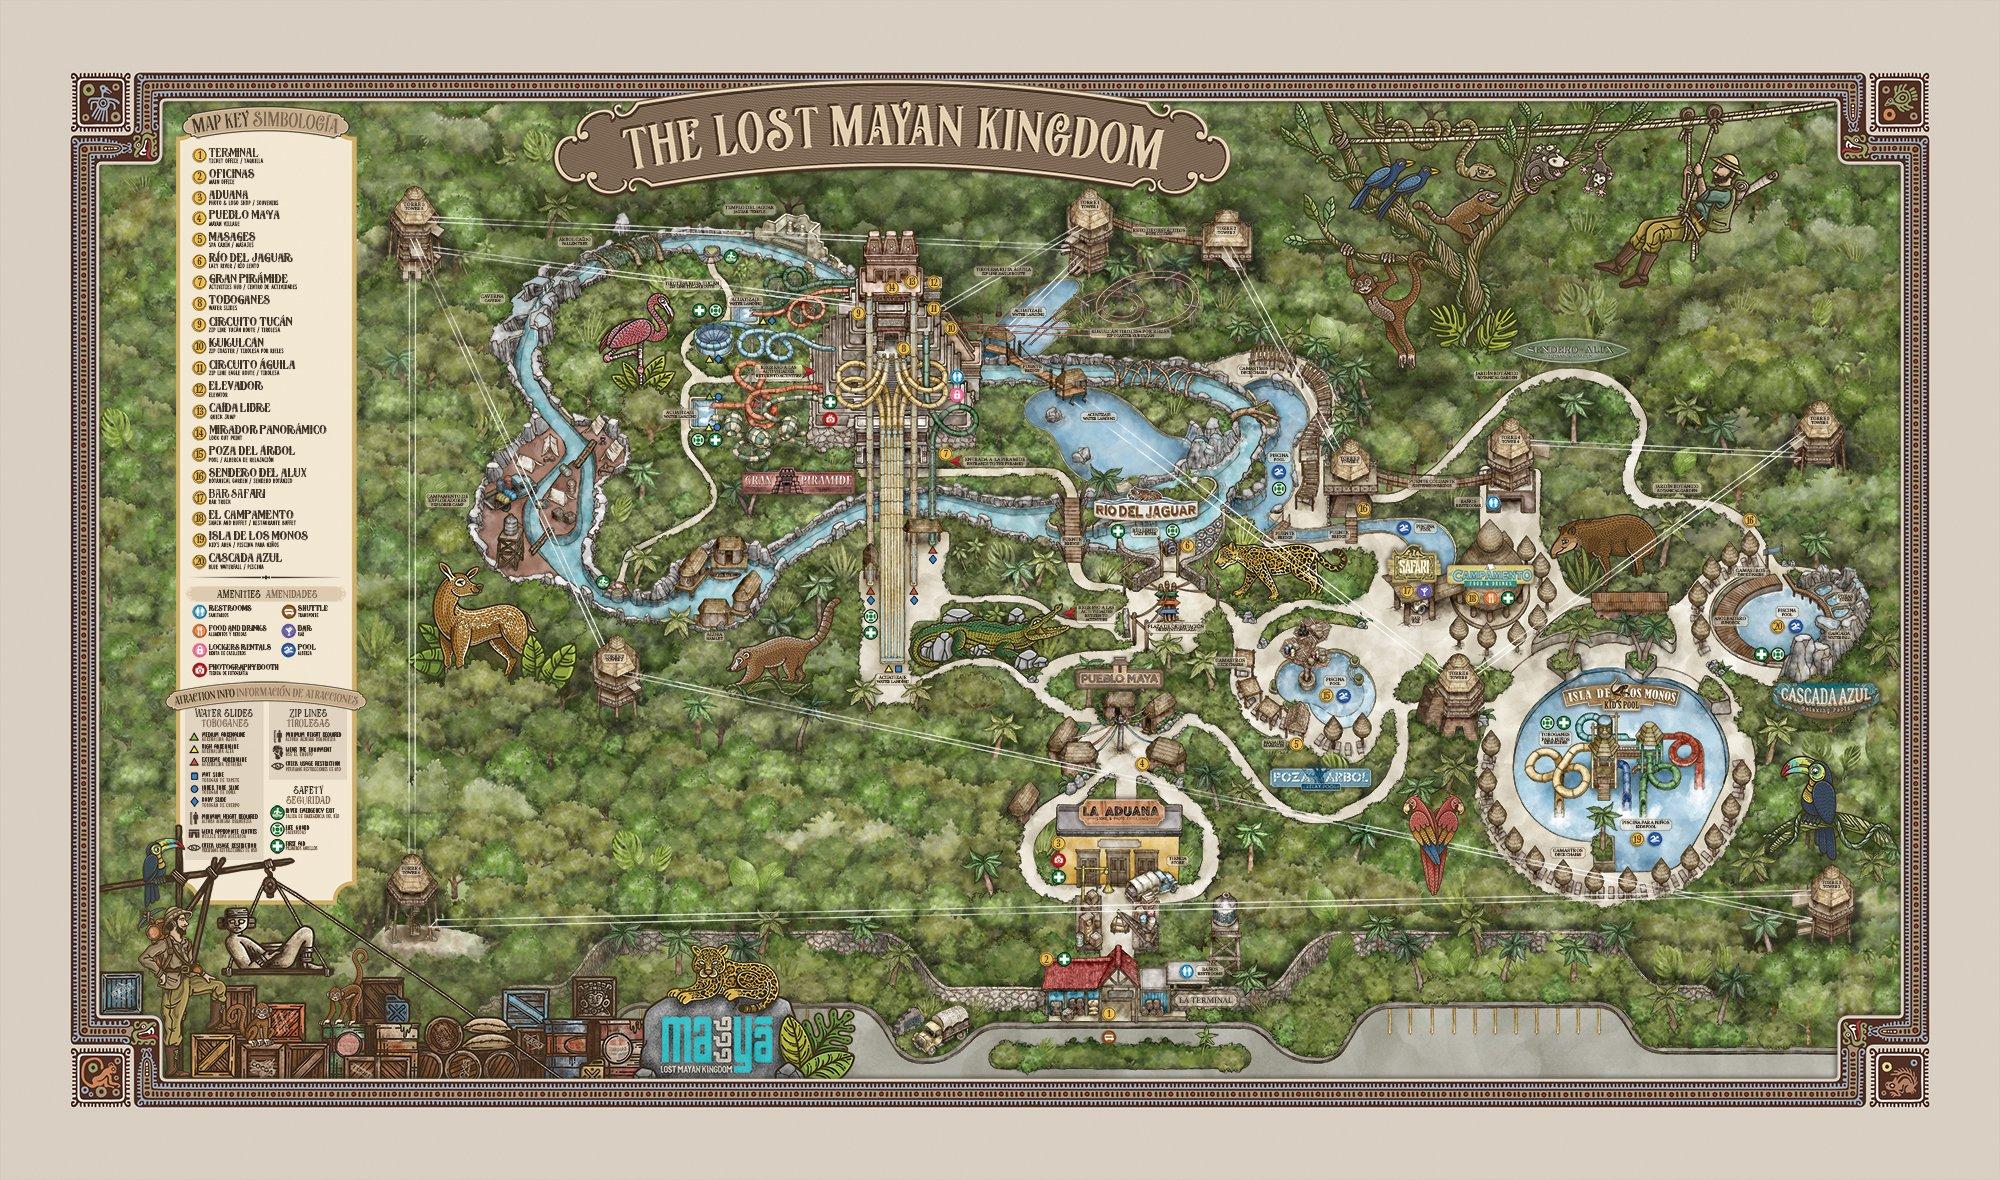 Mapa del Parque Acuático Mayá, El Reino Perdido en Mahahual